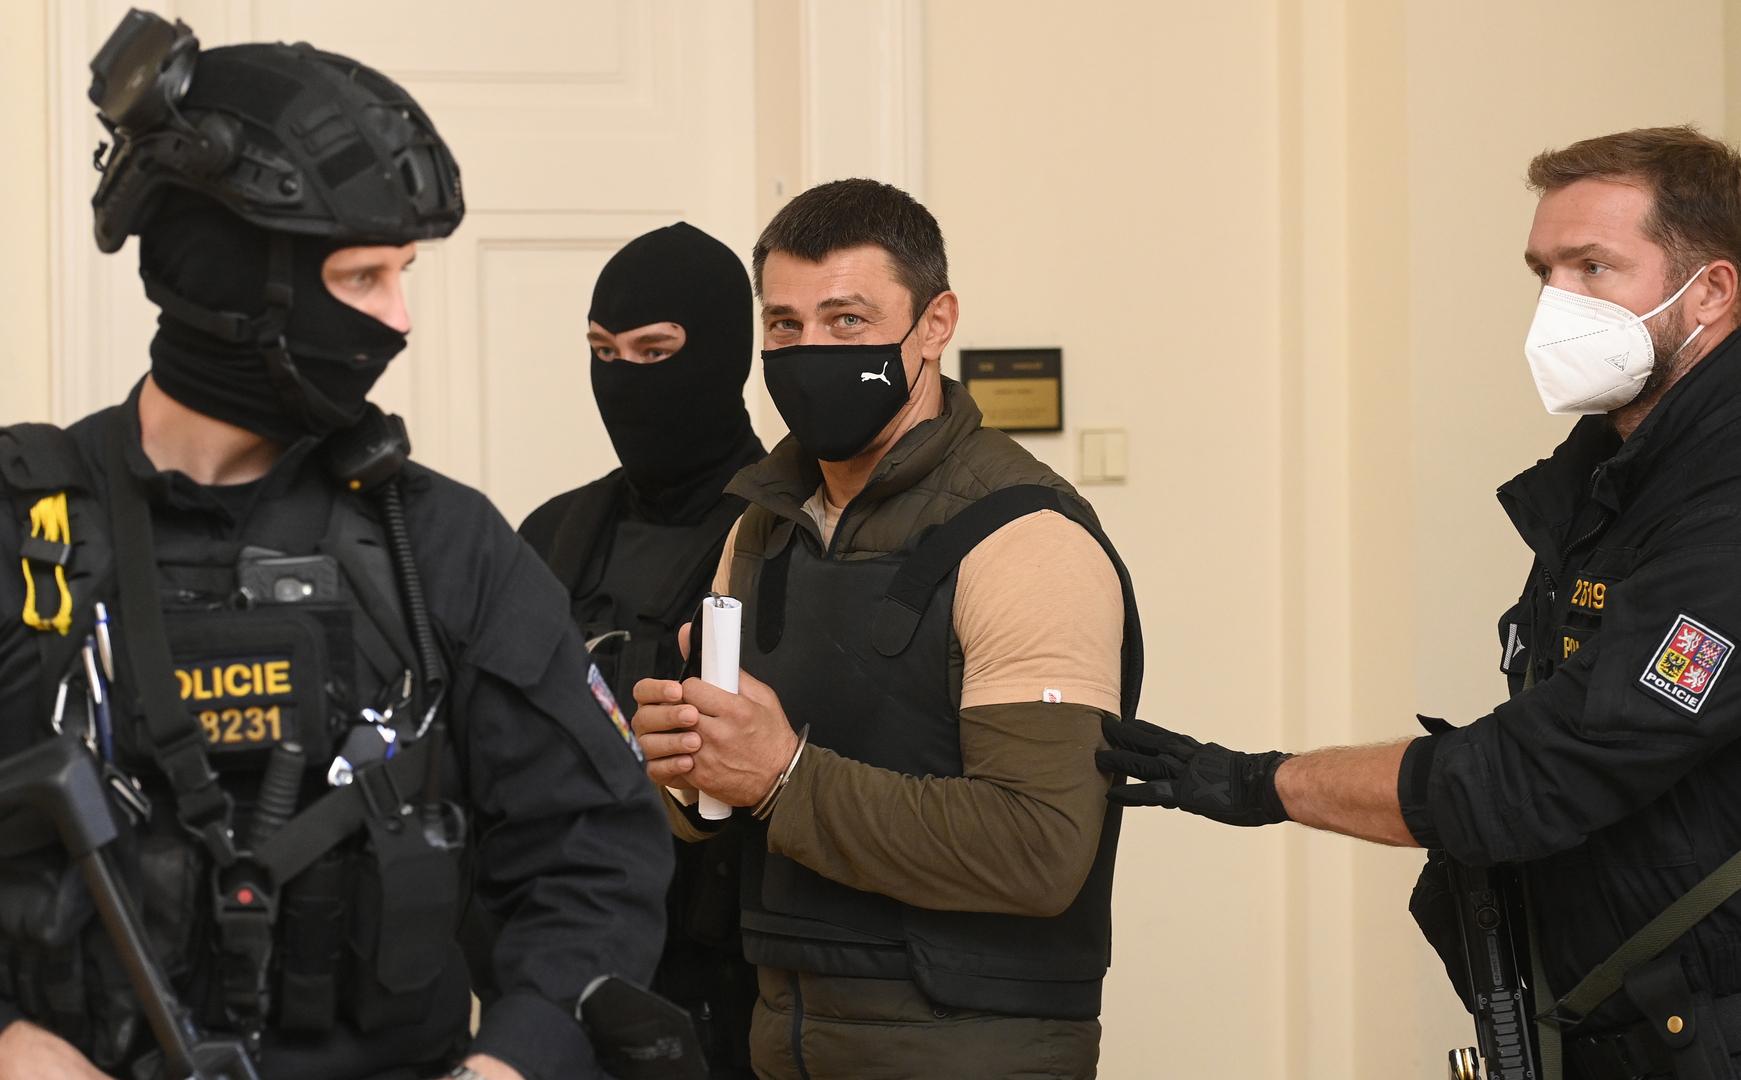 شقيقة الروسي المحتجز في براغ تتوجه بنداء إلى بوتين